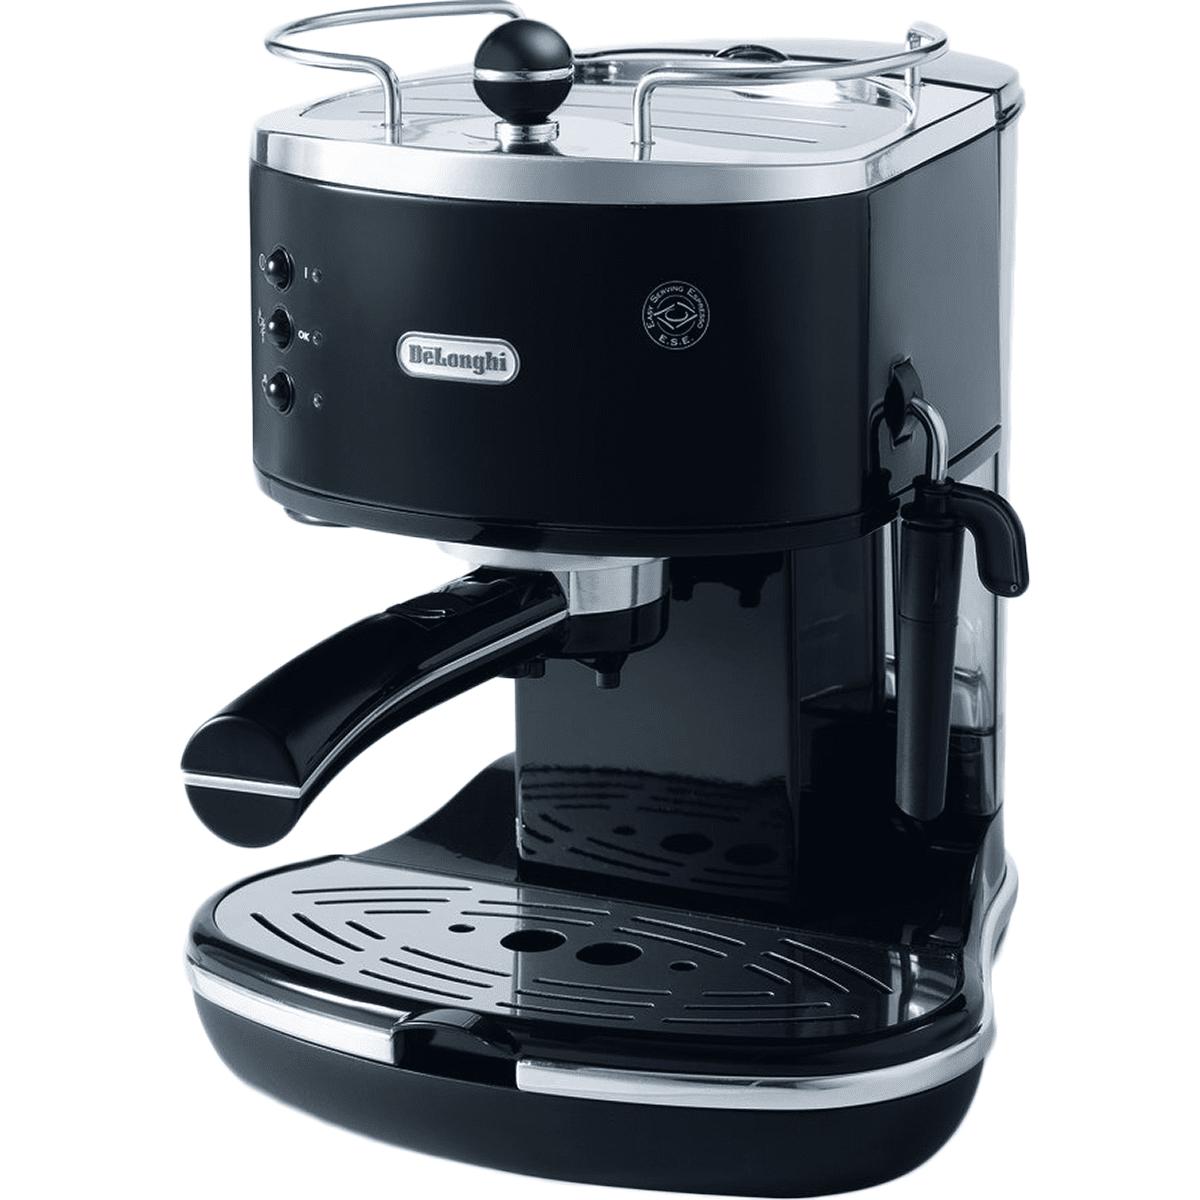 DeLonghi ECO310 Icona Manual Espresso Machine Black - ECO310BK